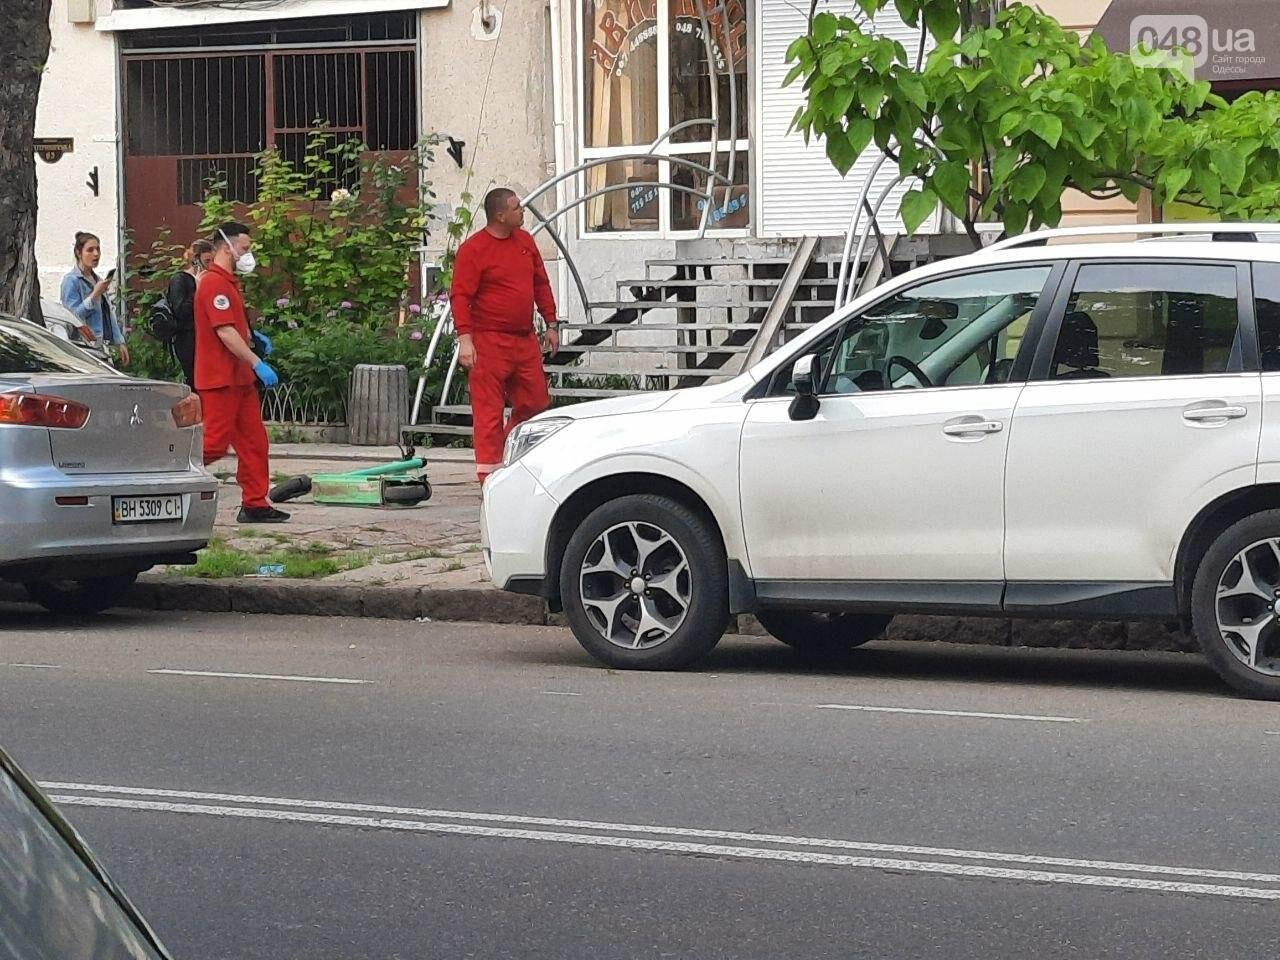 Разбила голову: в центре Одессы девушка упала с электросамоката, - ФОТО, фото-1